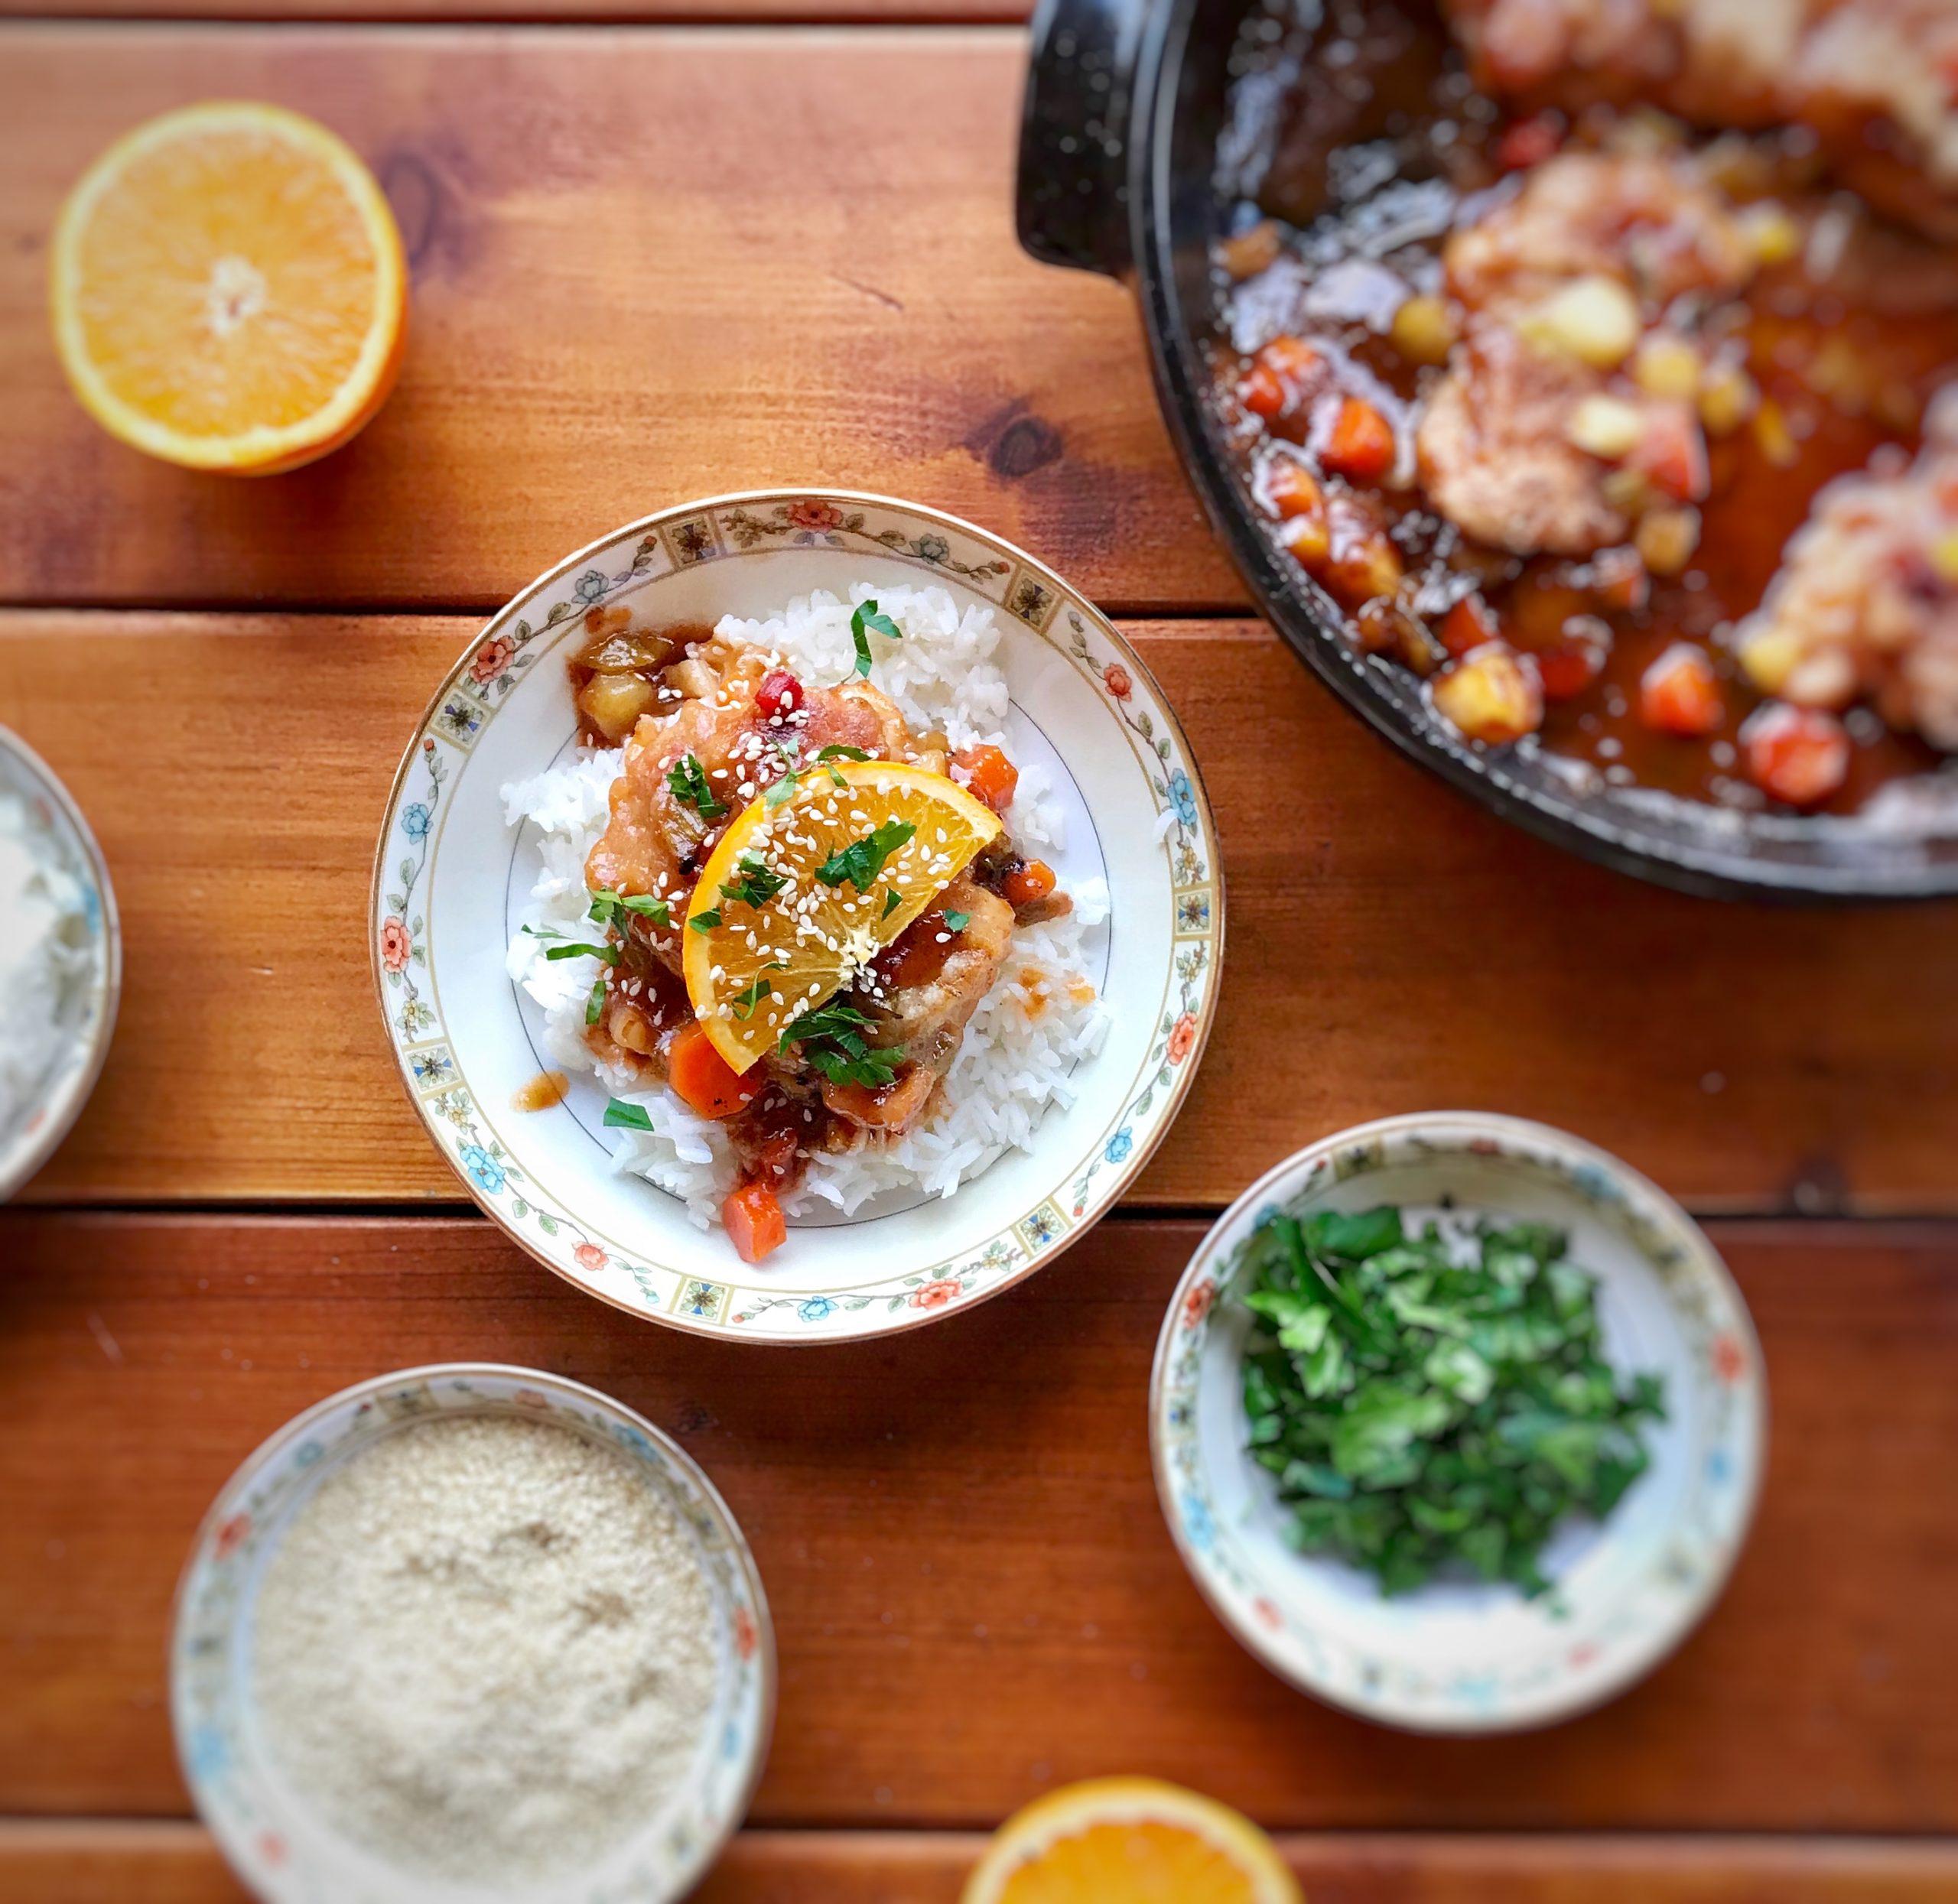 Sweet Orange Chicken One Pot Dinner (Gluten Free)